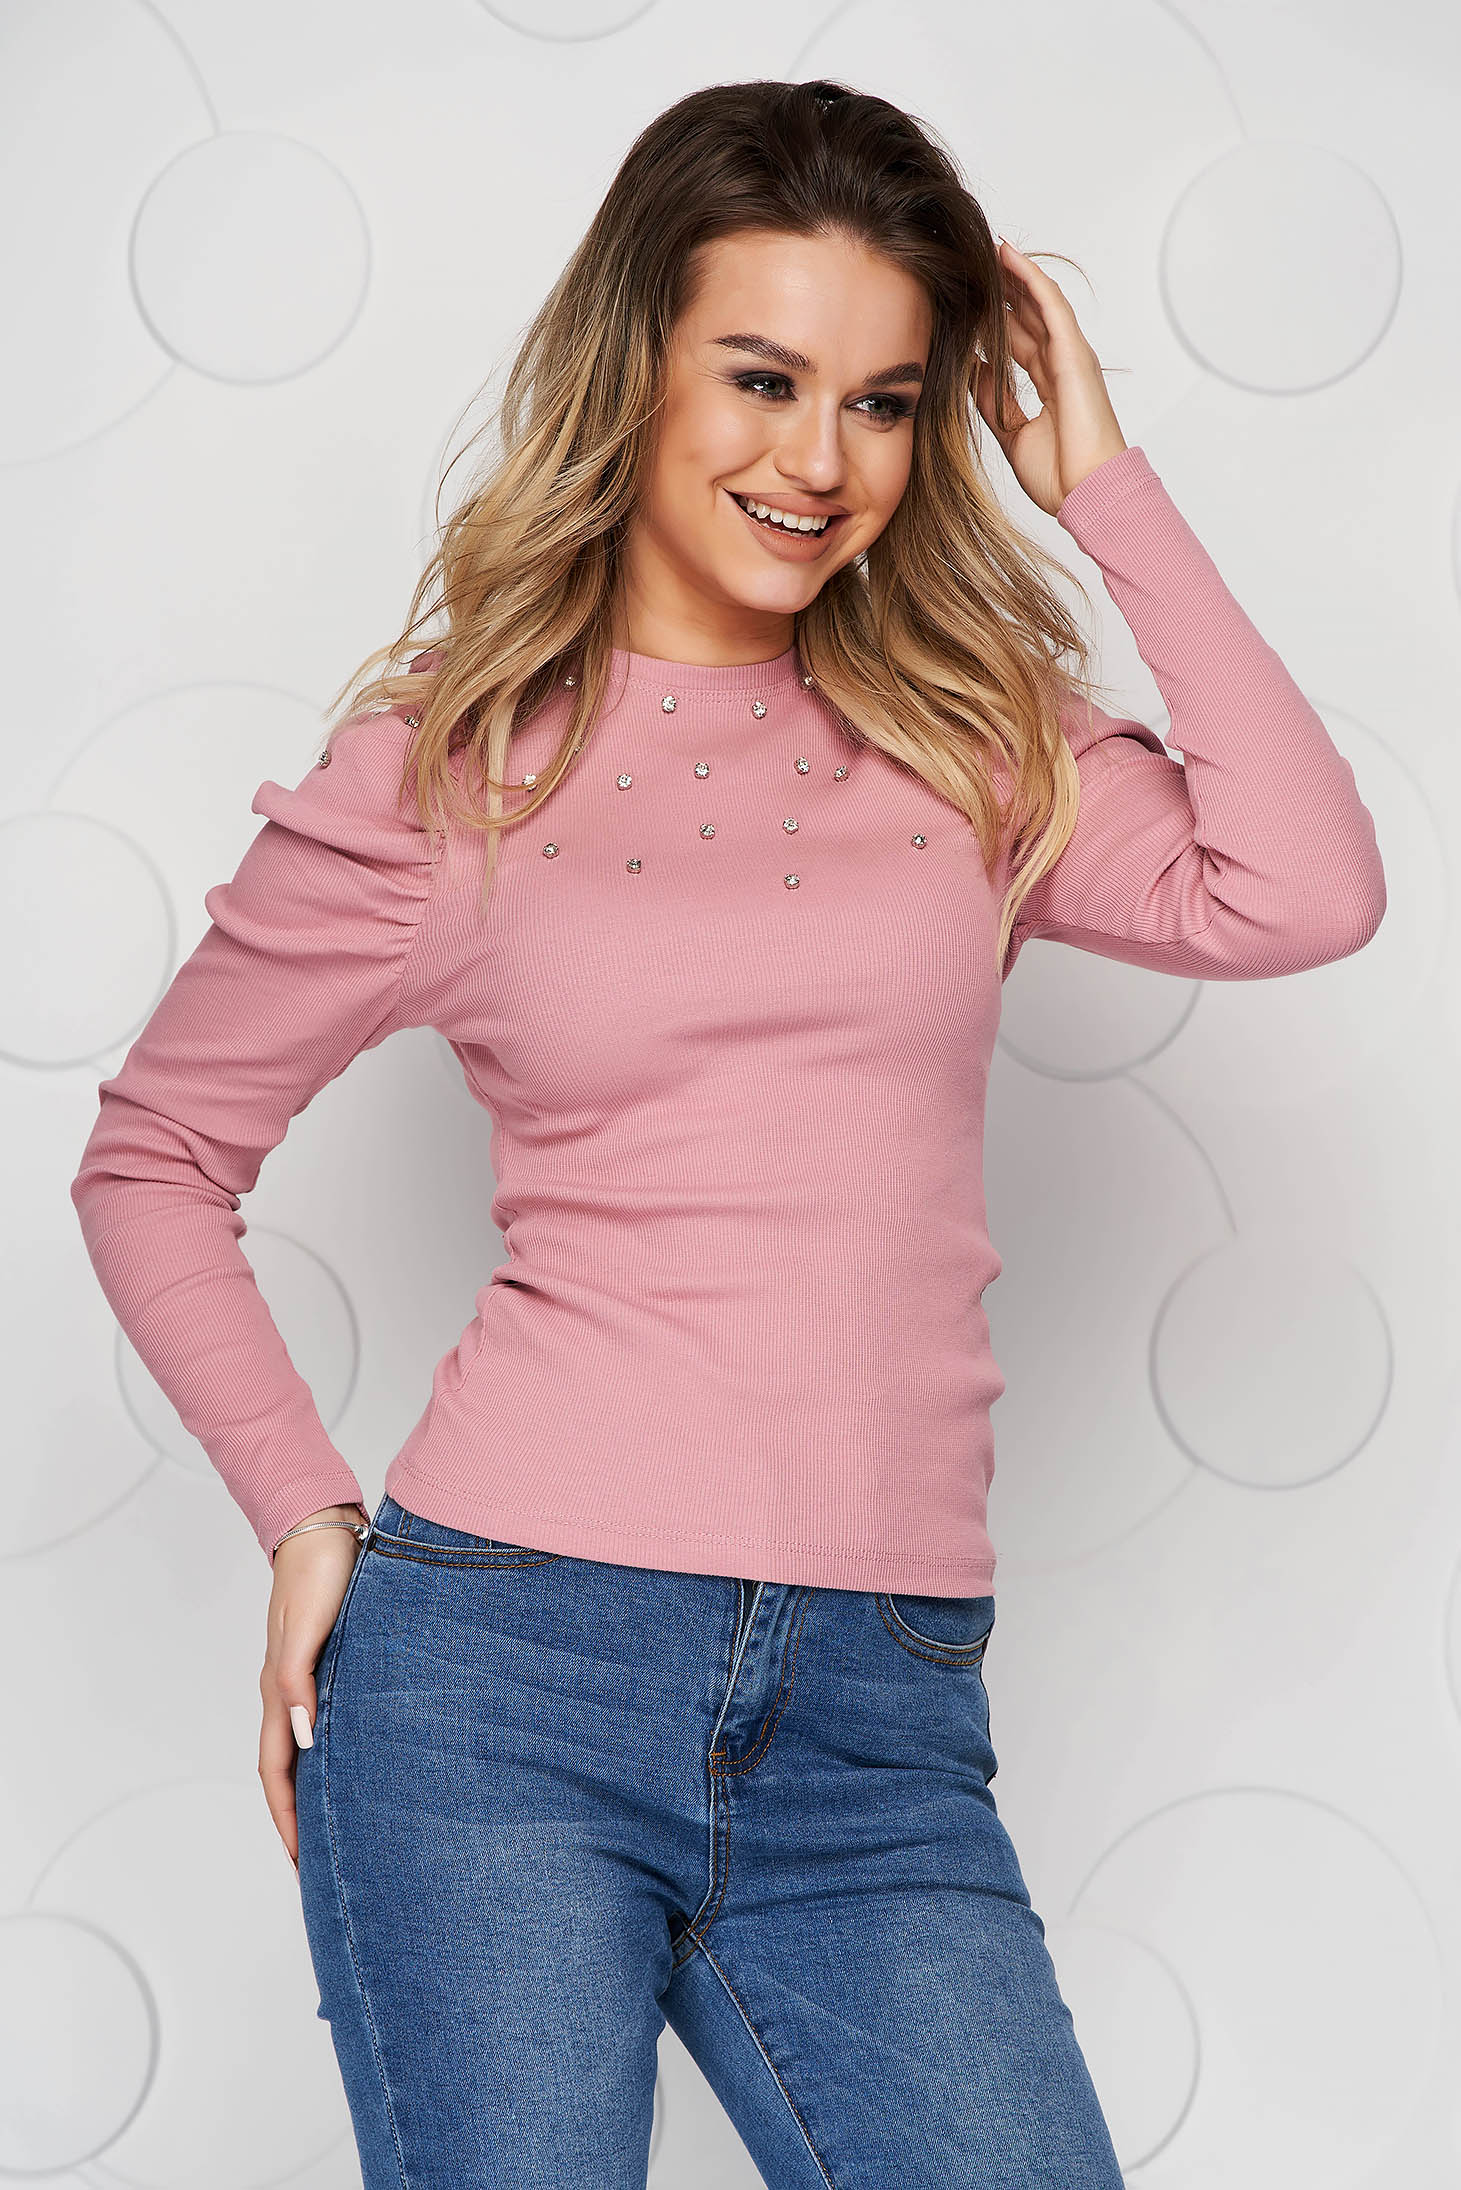 Bluza dama SunShine roz mulata din material reiat cu aplicatii cu pietre strass si umeri cu volum